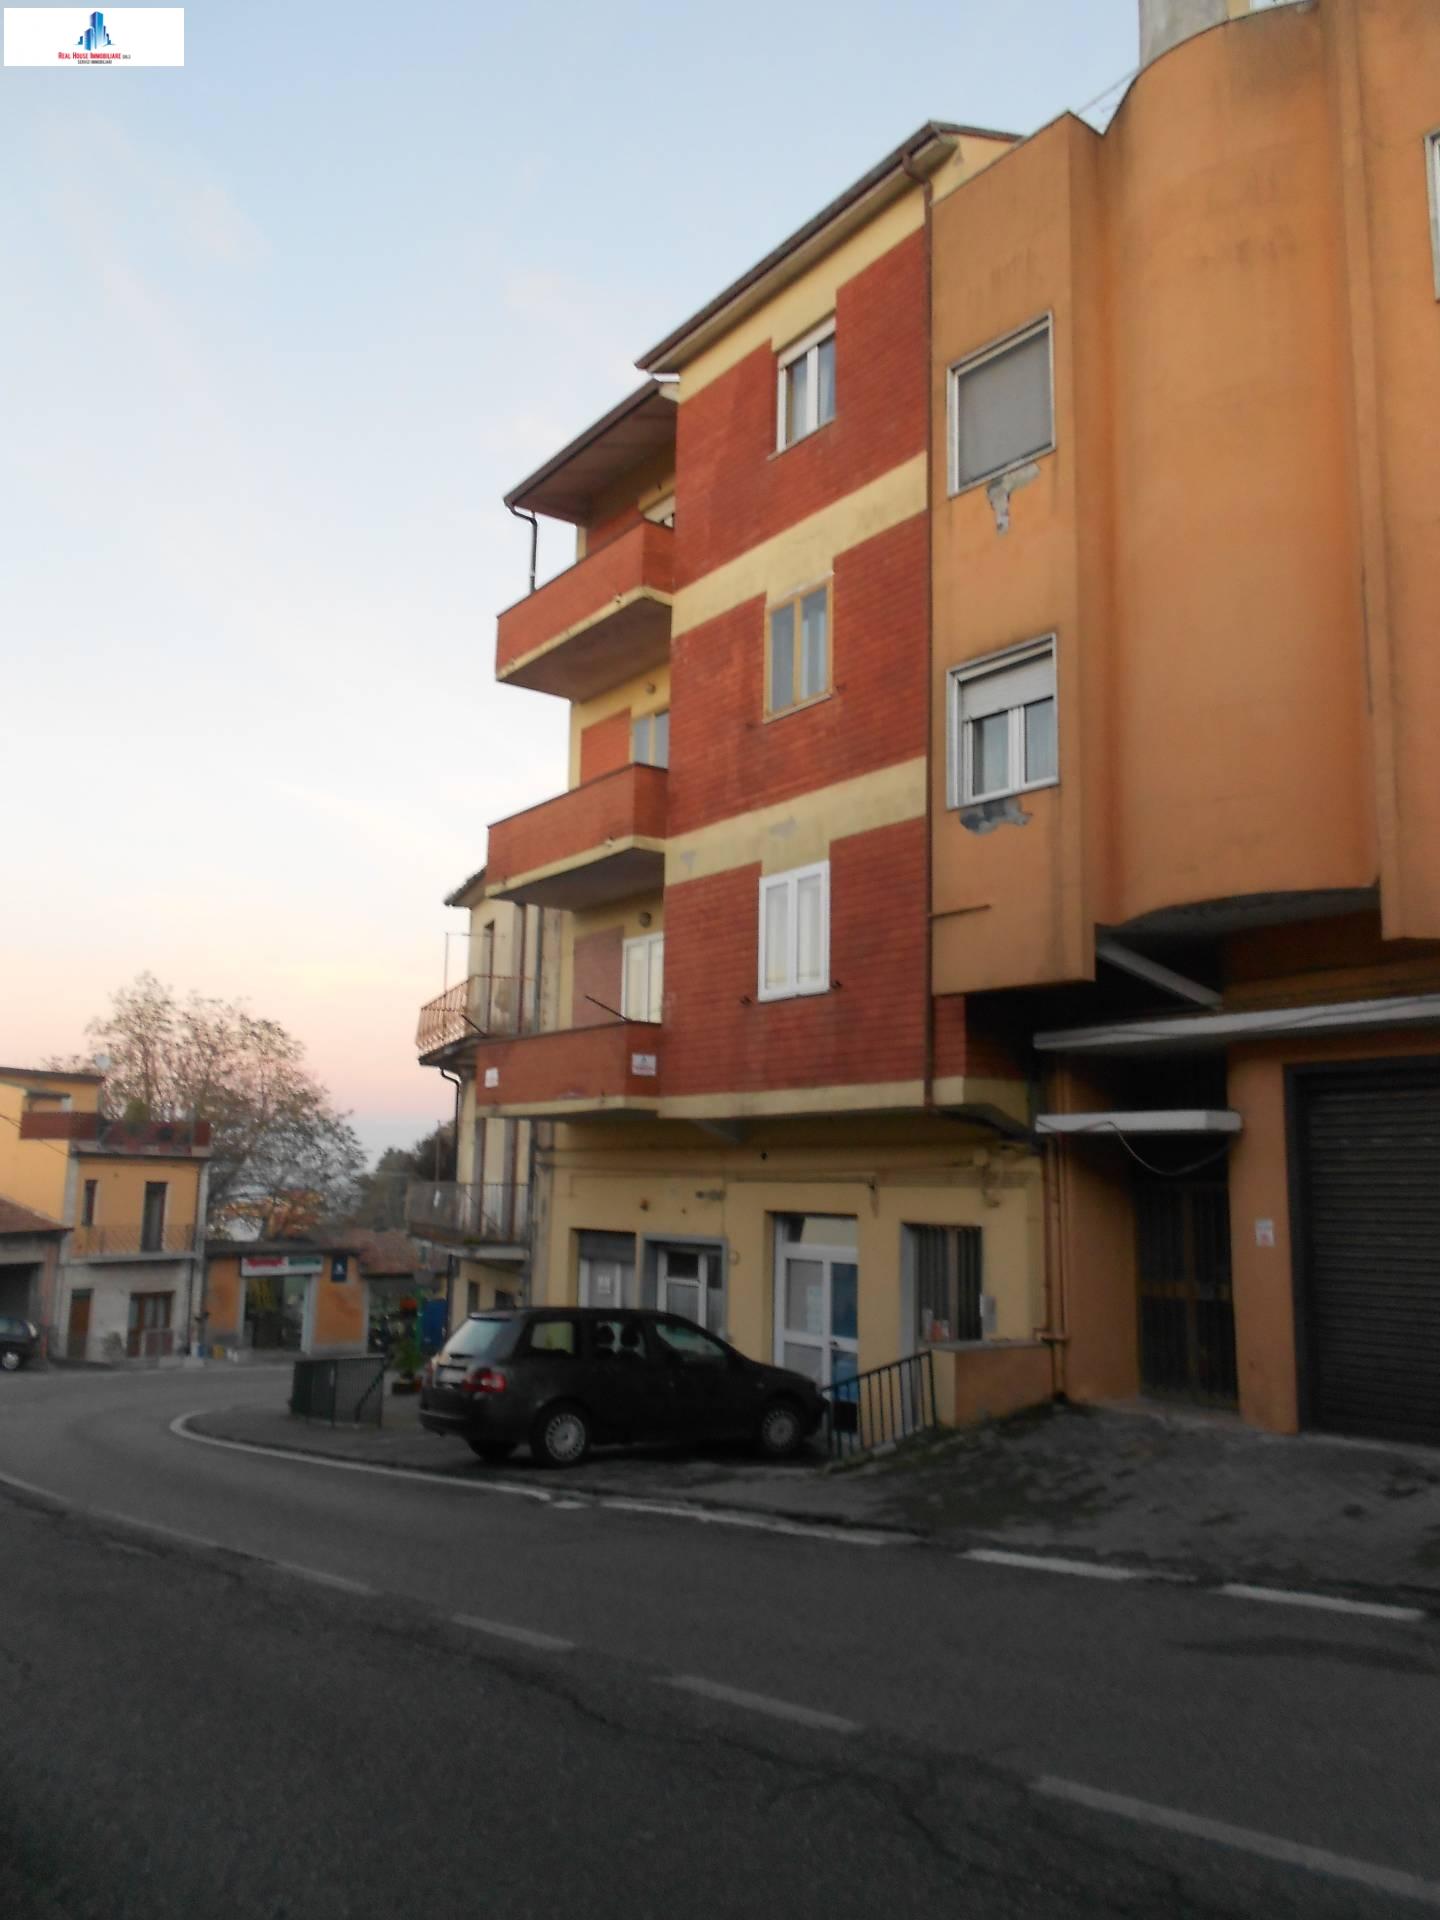 Appartamento in vendita a Ariano Irpino, 3 locali, zona Località: vianazionale, prezzo € 75.000 | CambioCasa.it